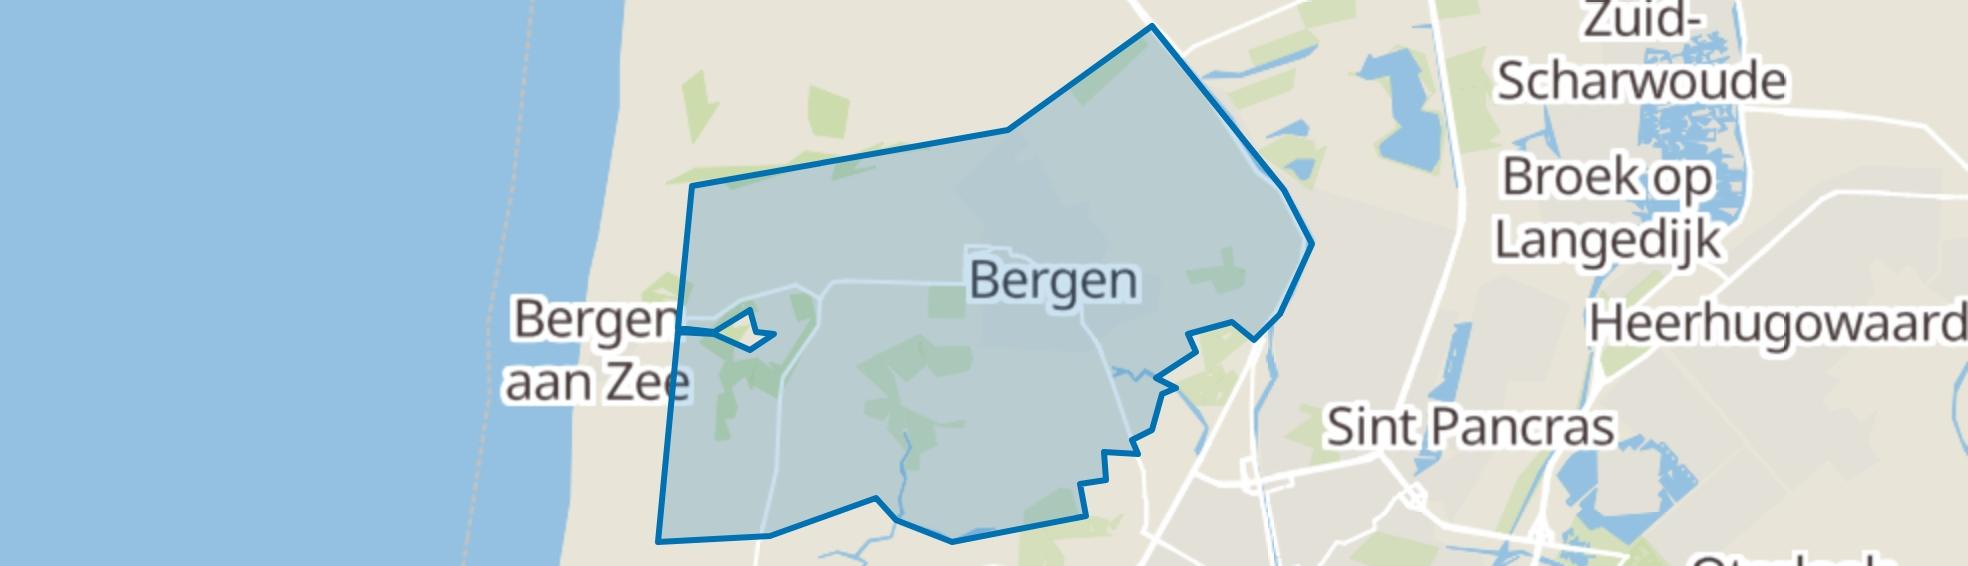 Bergen (NH) map